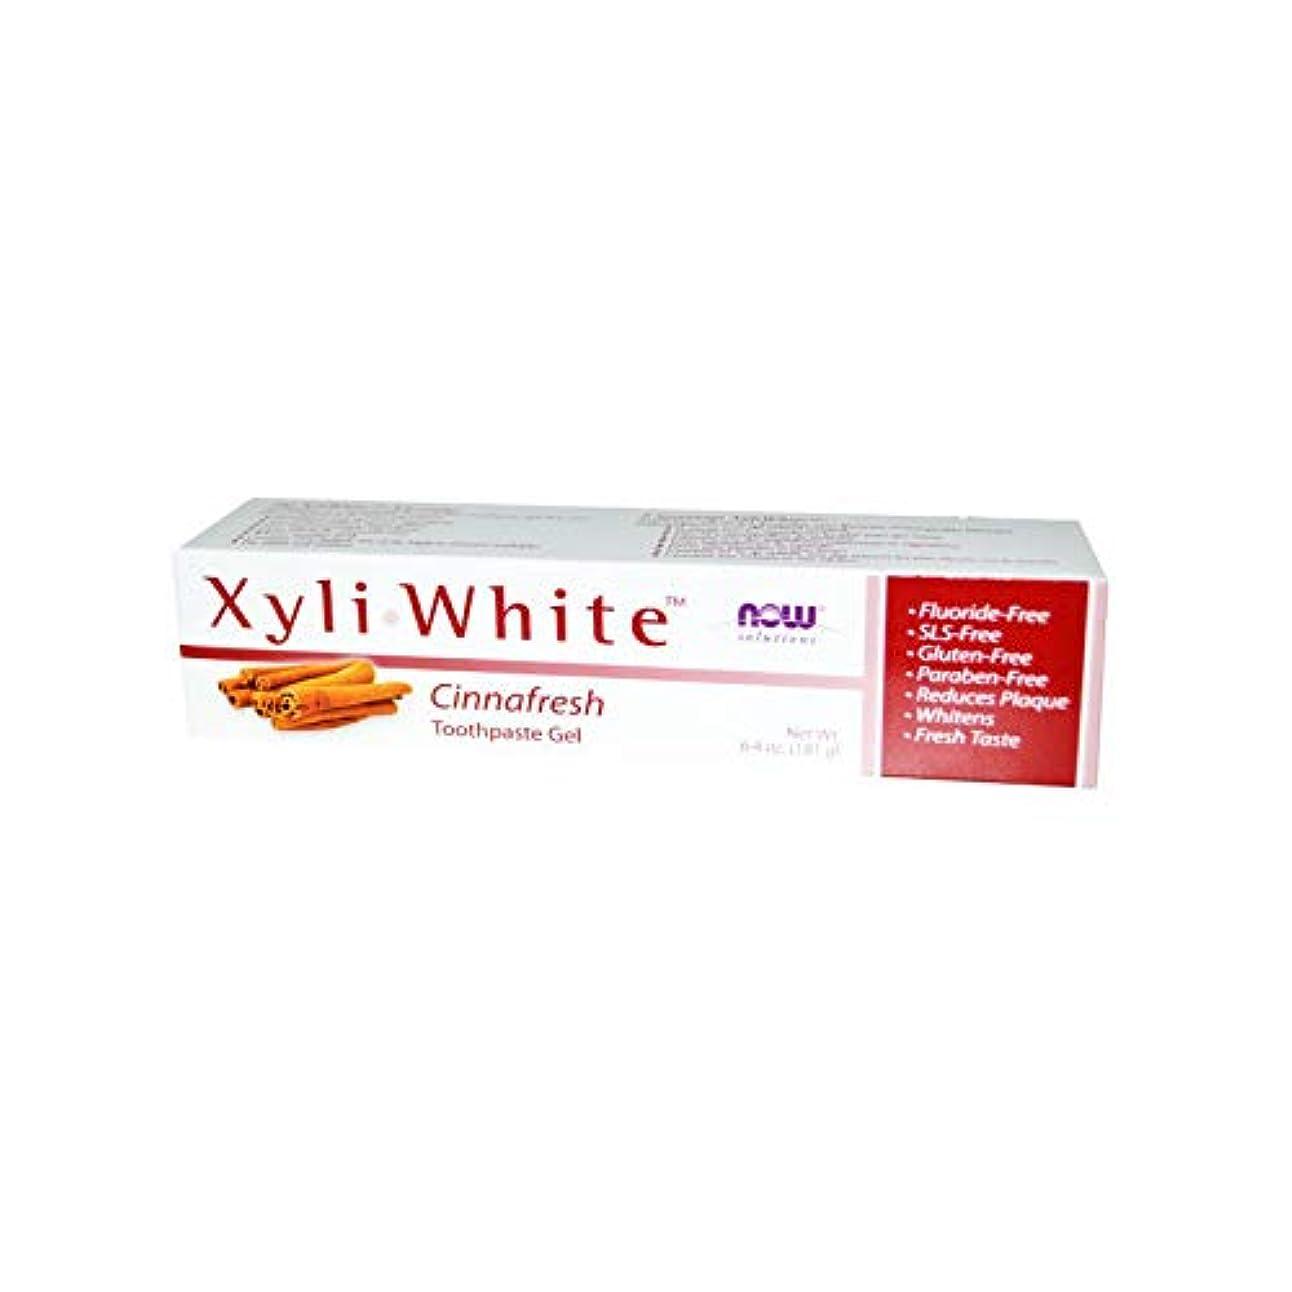 期待して寺院明示的に海外直送品 Now Foods XYLIWHITE TOOTHPASTE, 6.4 oz NATURAL-CINNAMON